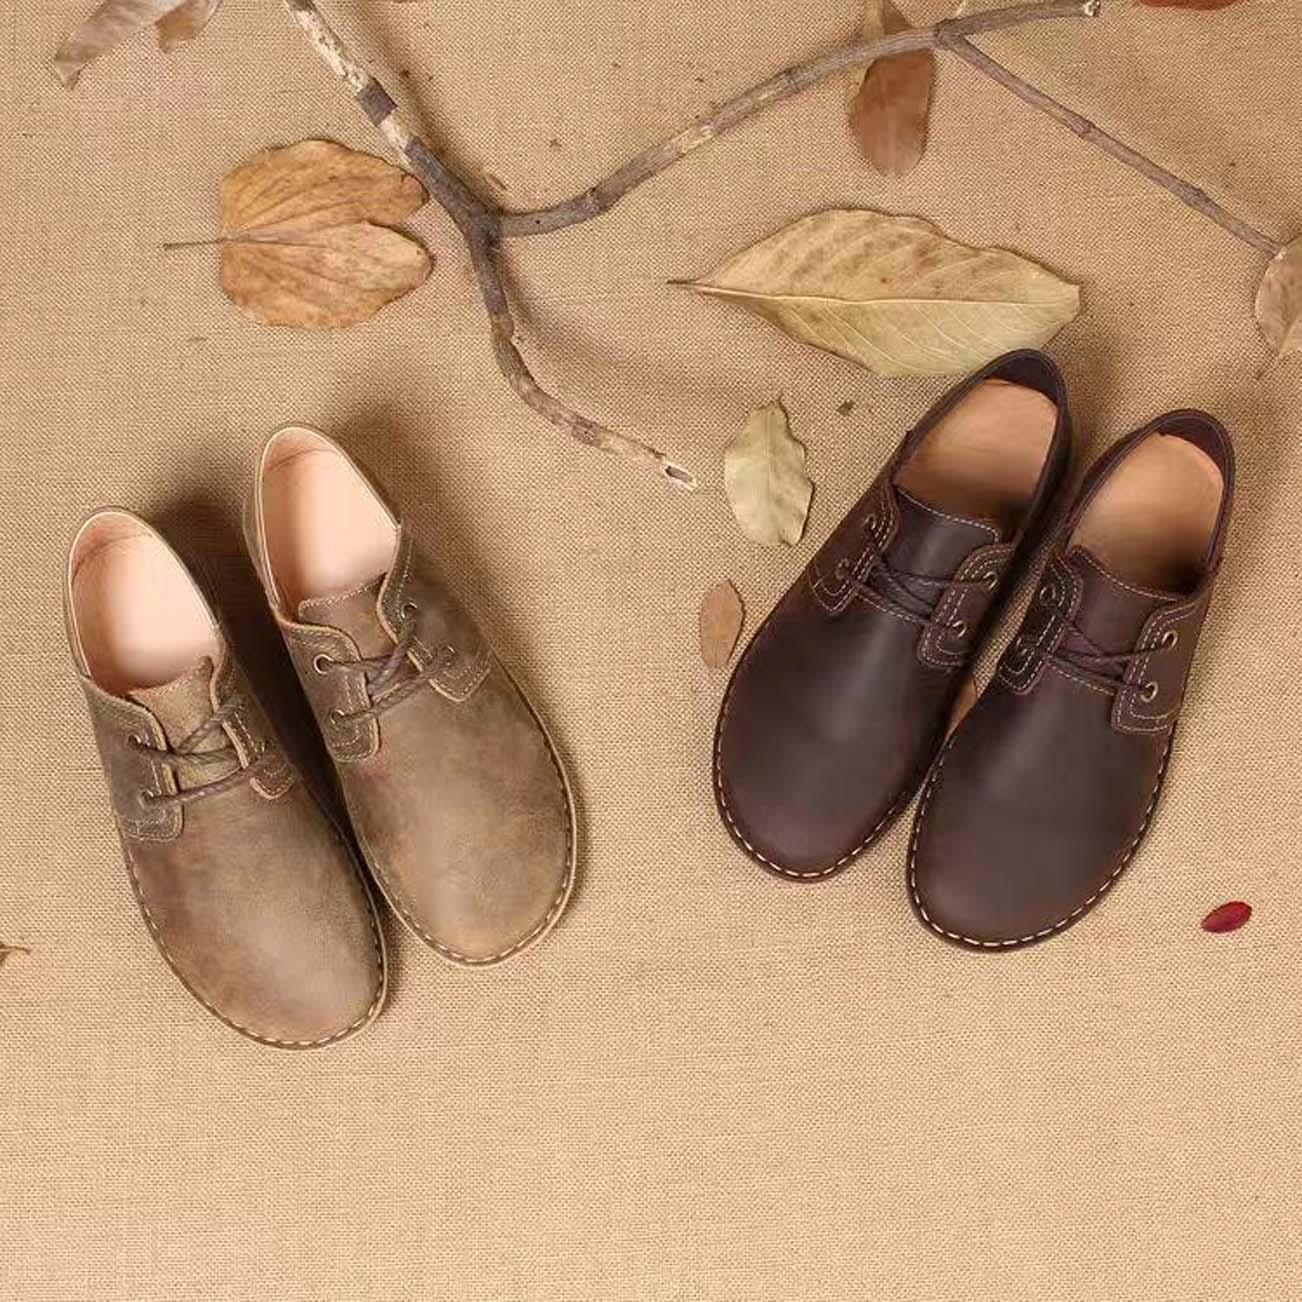 Classics Man Mulheres Platform instrutor de luxo Designers Comfort Shoe Casual homem Sneaker Mulheres sapatos de couro Chaussures Trainers shoe013 P194